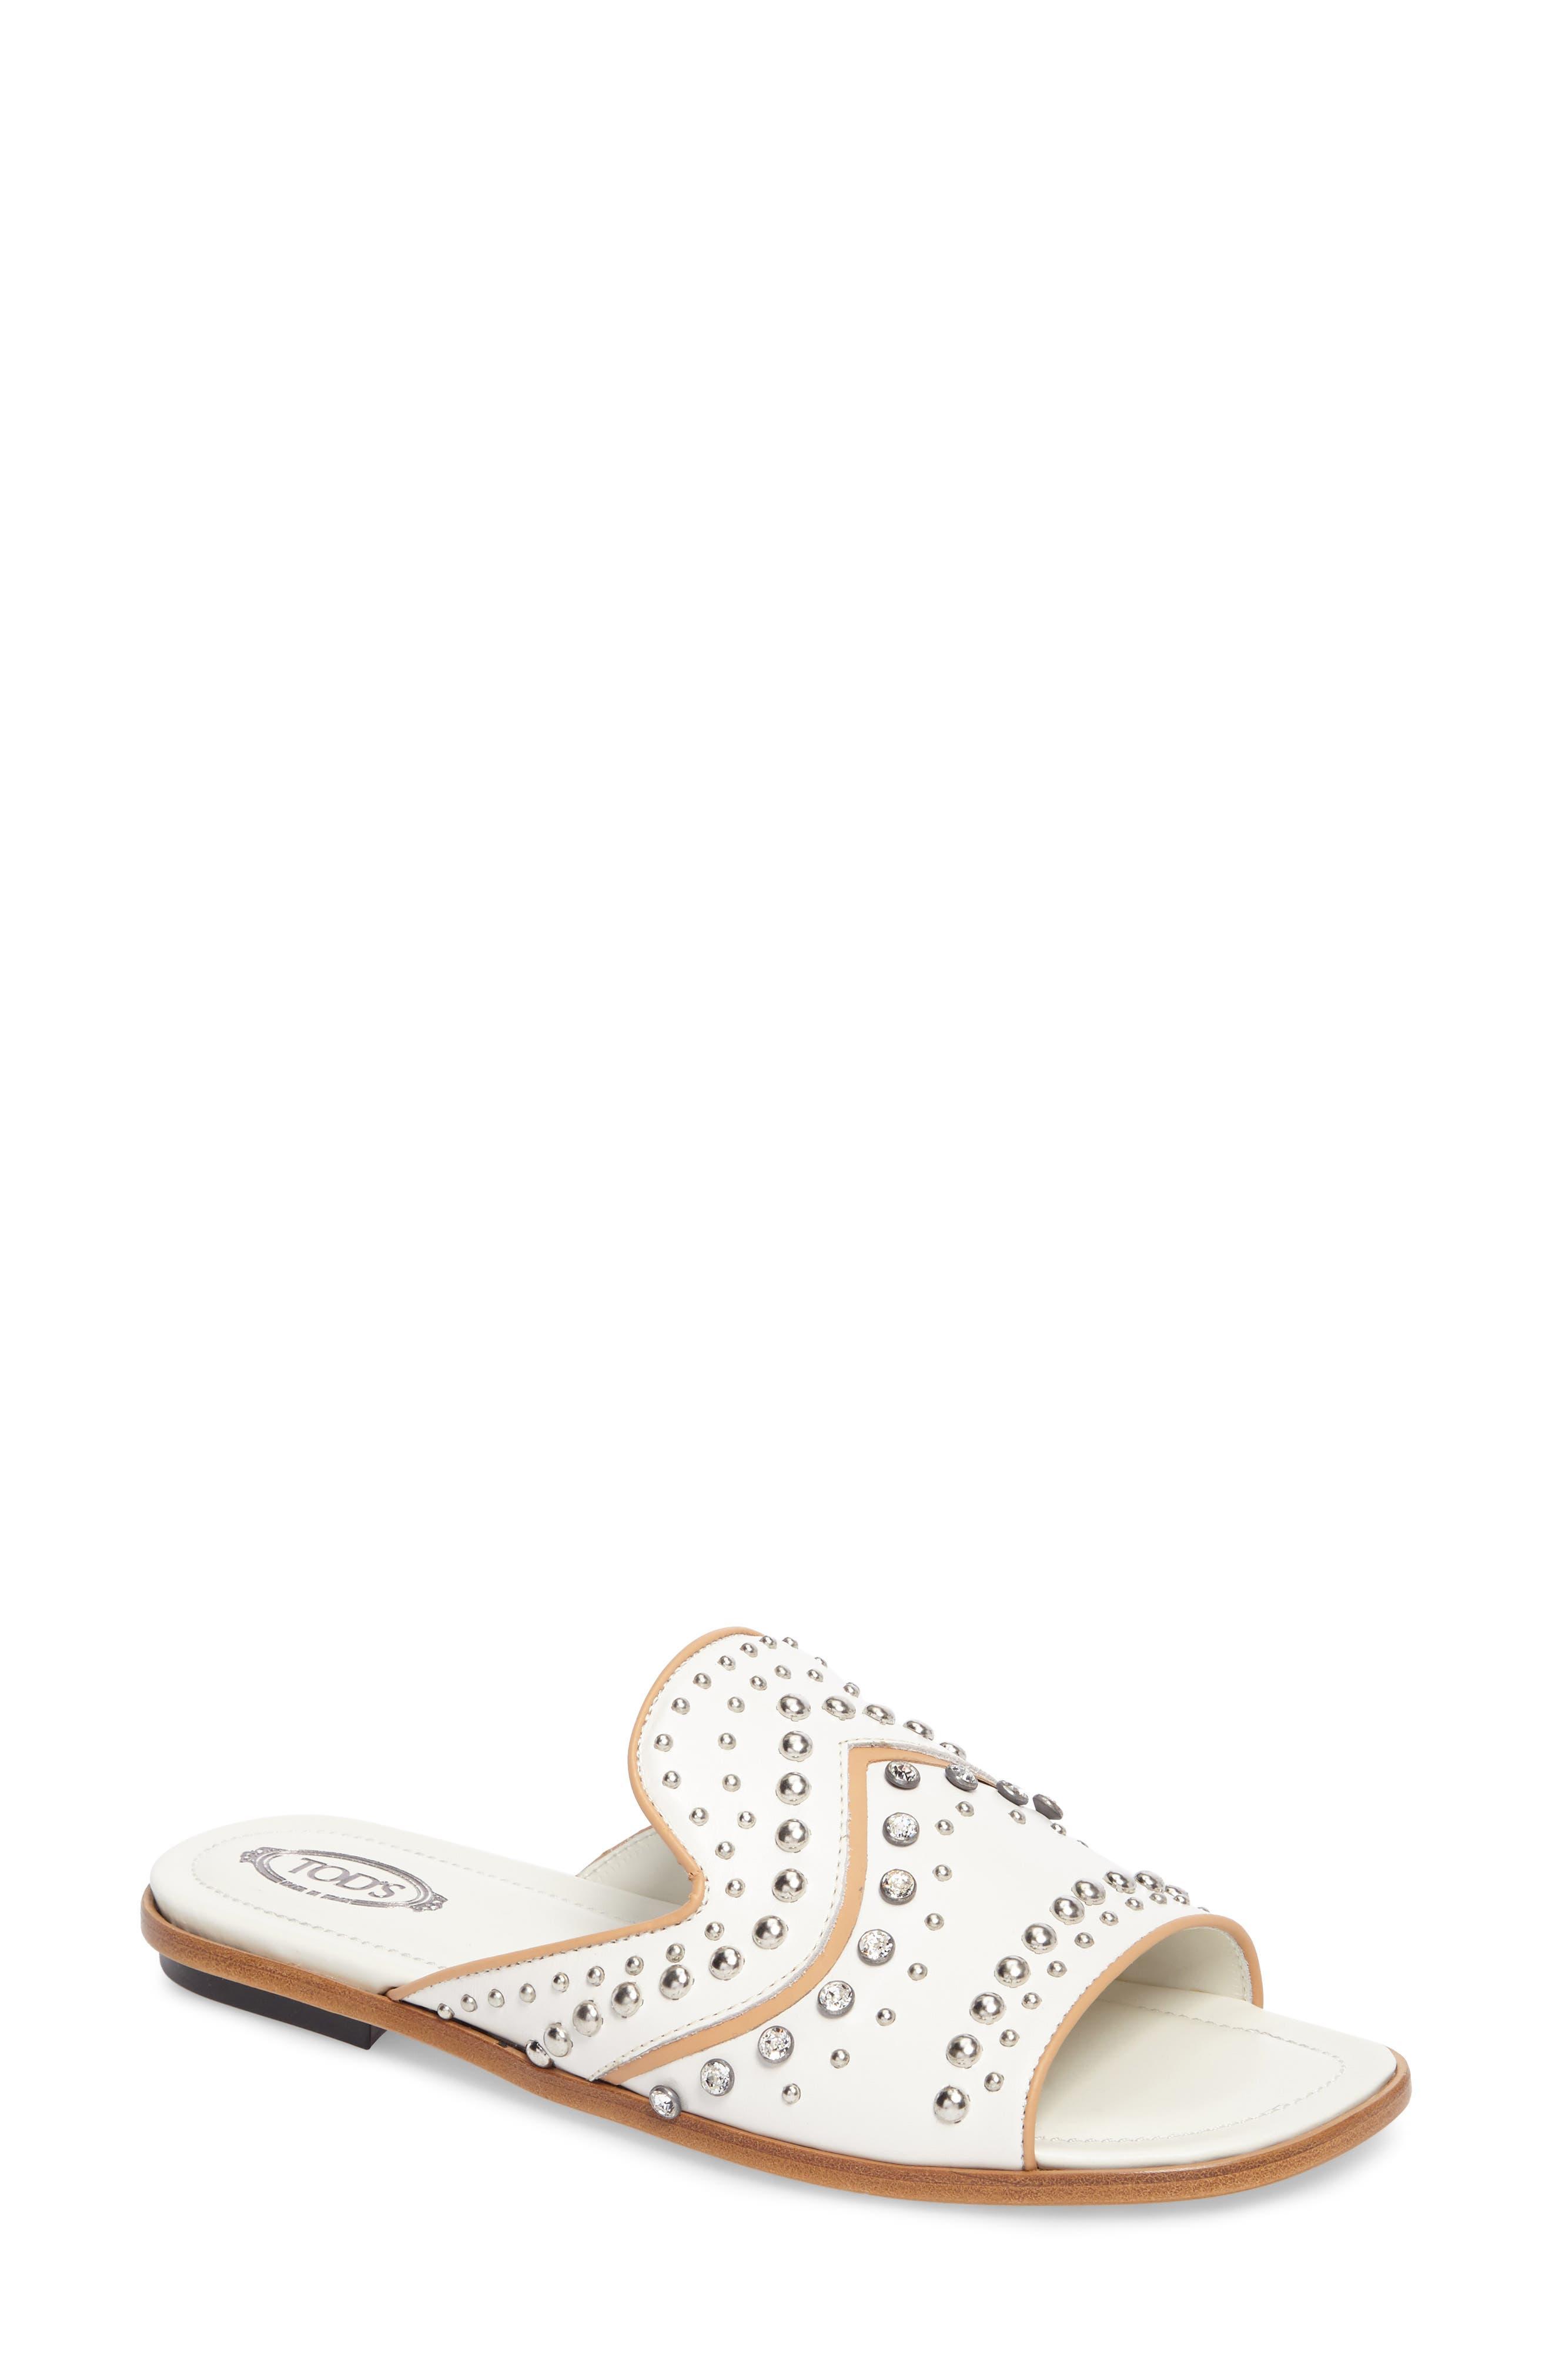 TOD'S Crystal Embellished Loafer Mule, Main, color, 100